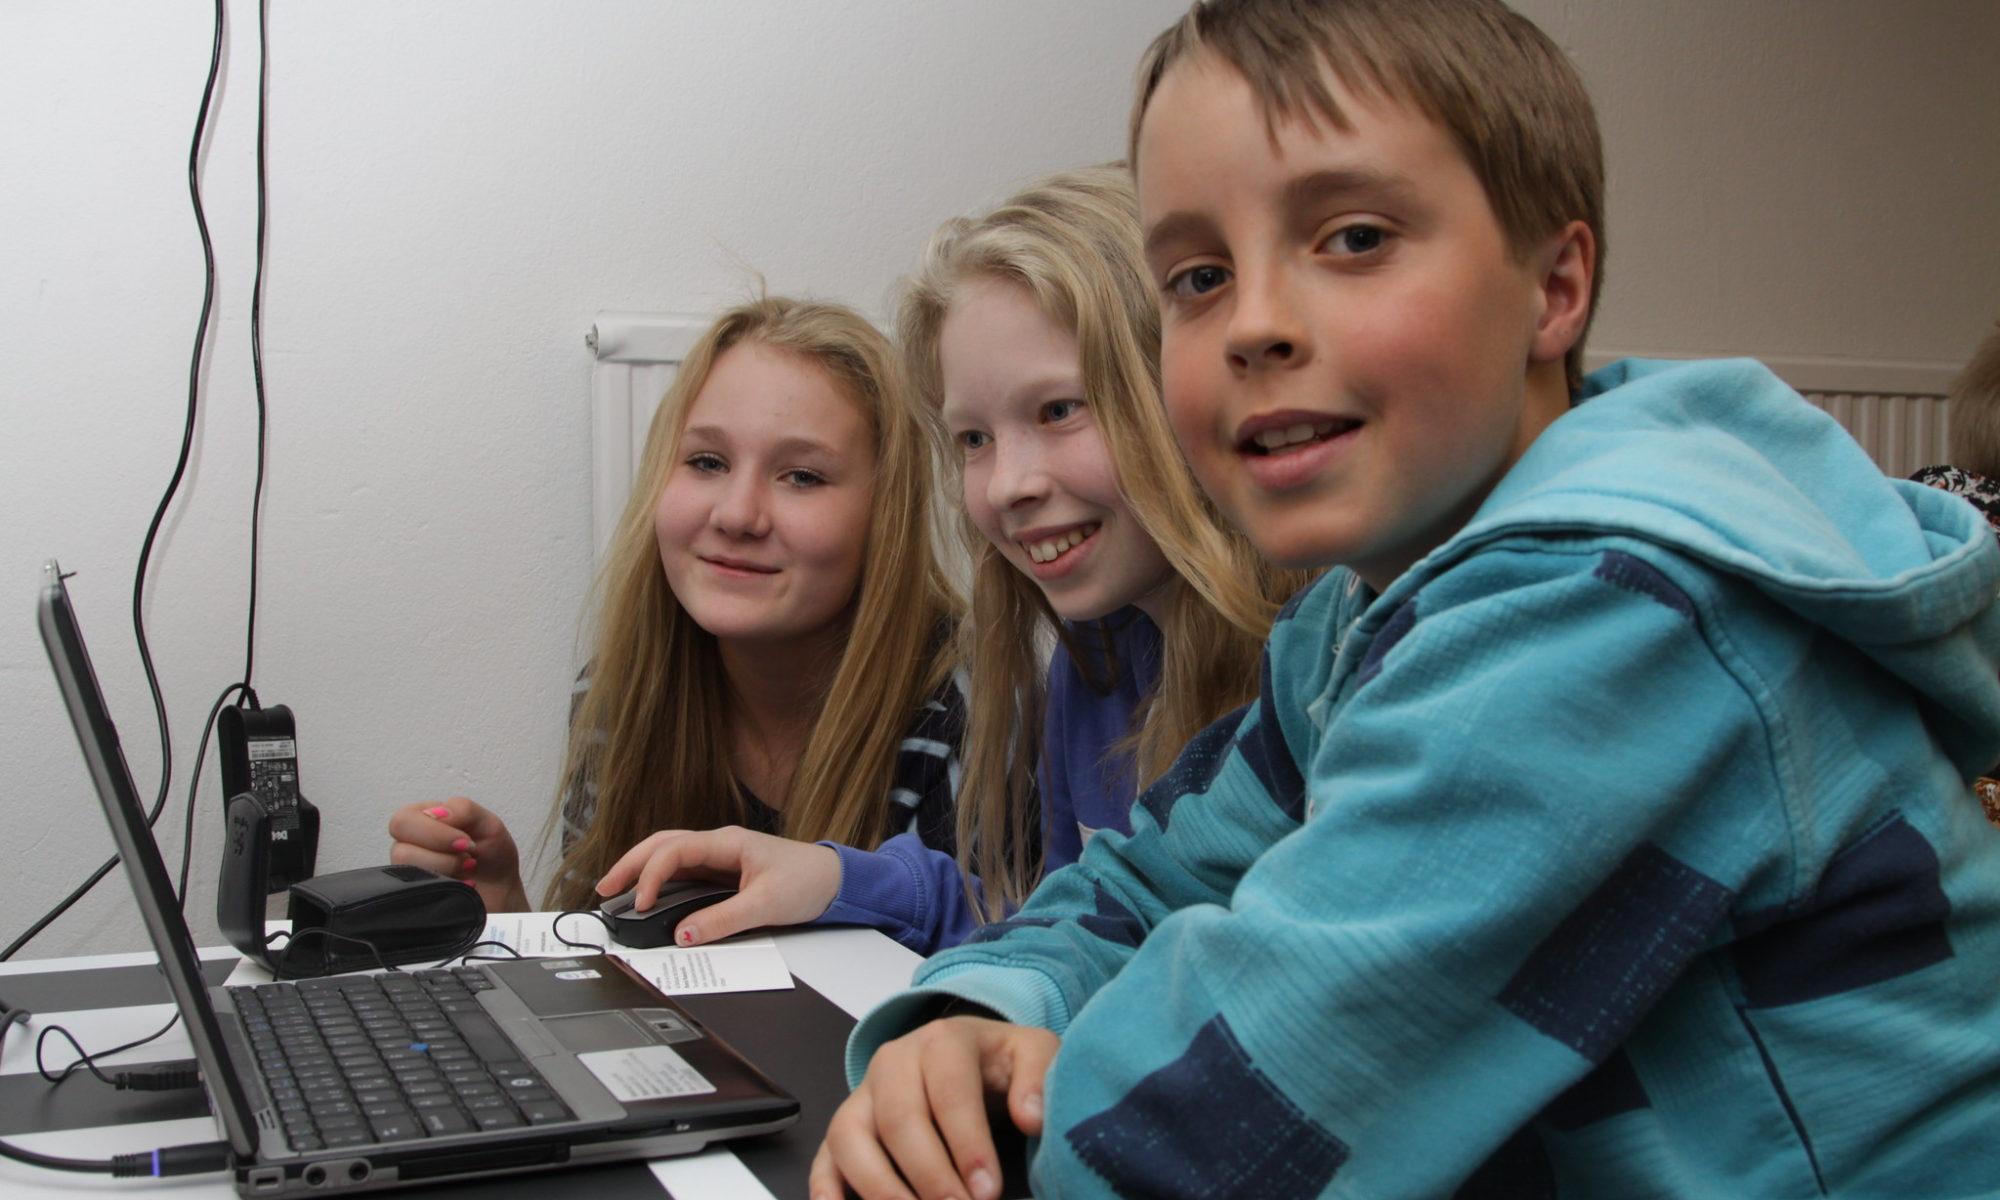 kolme iloista lasta tietokoneen ääressä